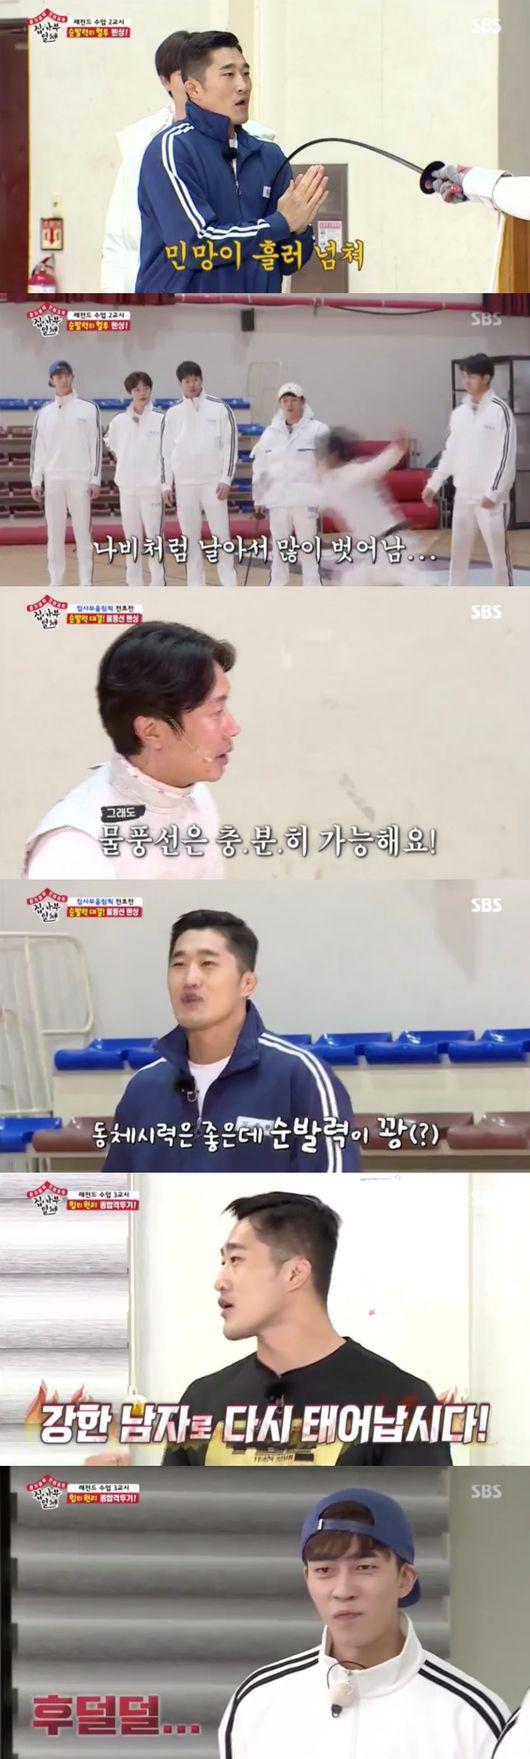 집사부일체 박세리→김동현, 스포츠 레전드 5人의 금메달급 예능감 [어저께TV]